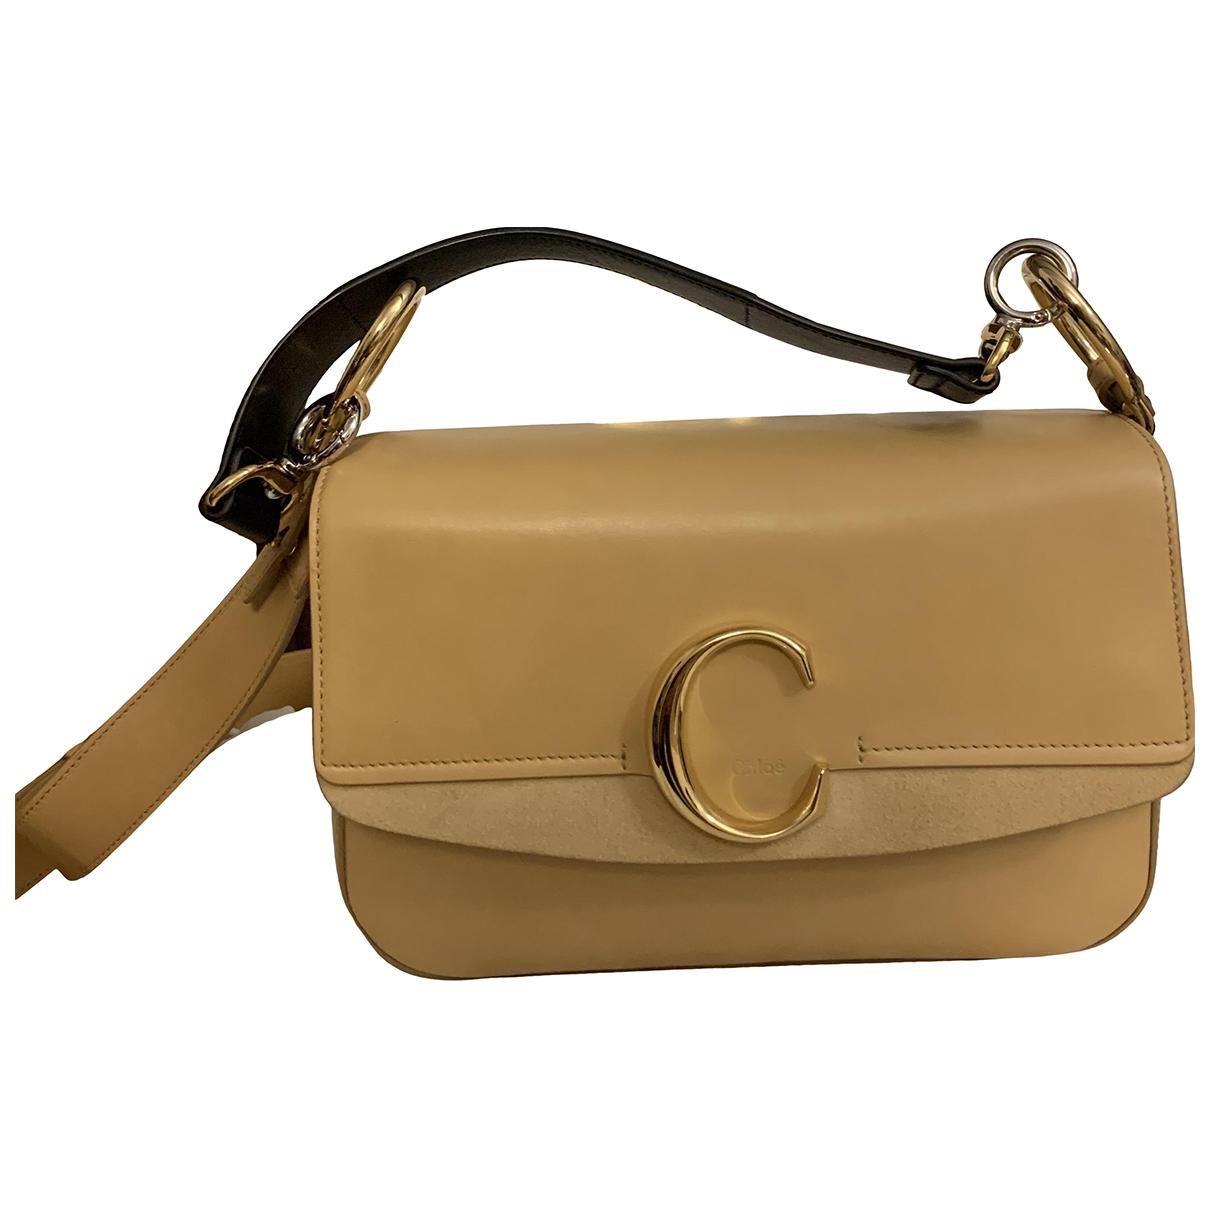 Chloé C Beige Leather handbag for Women \N